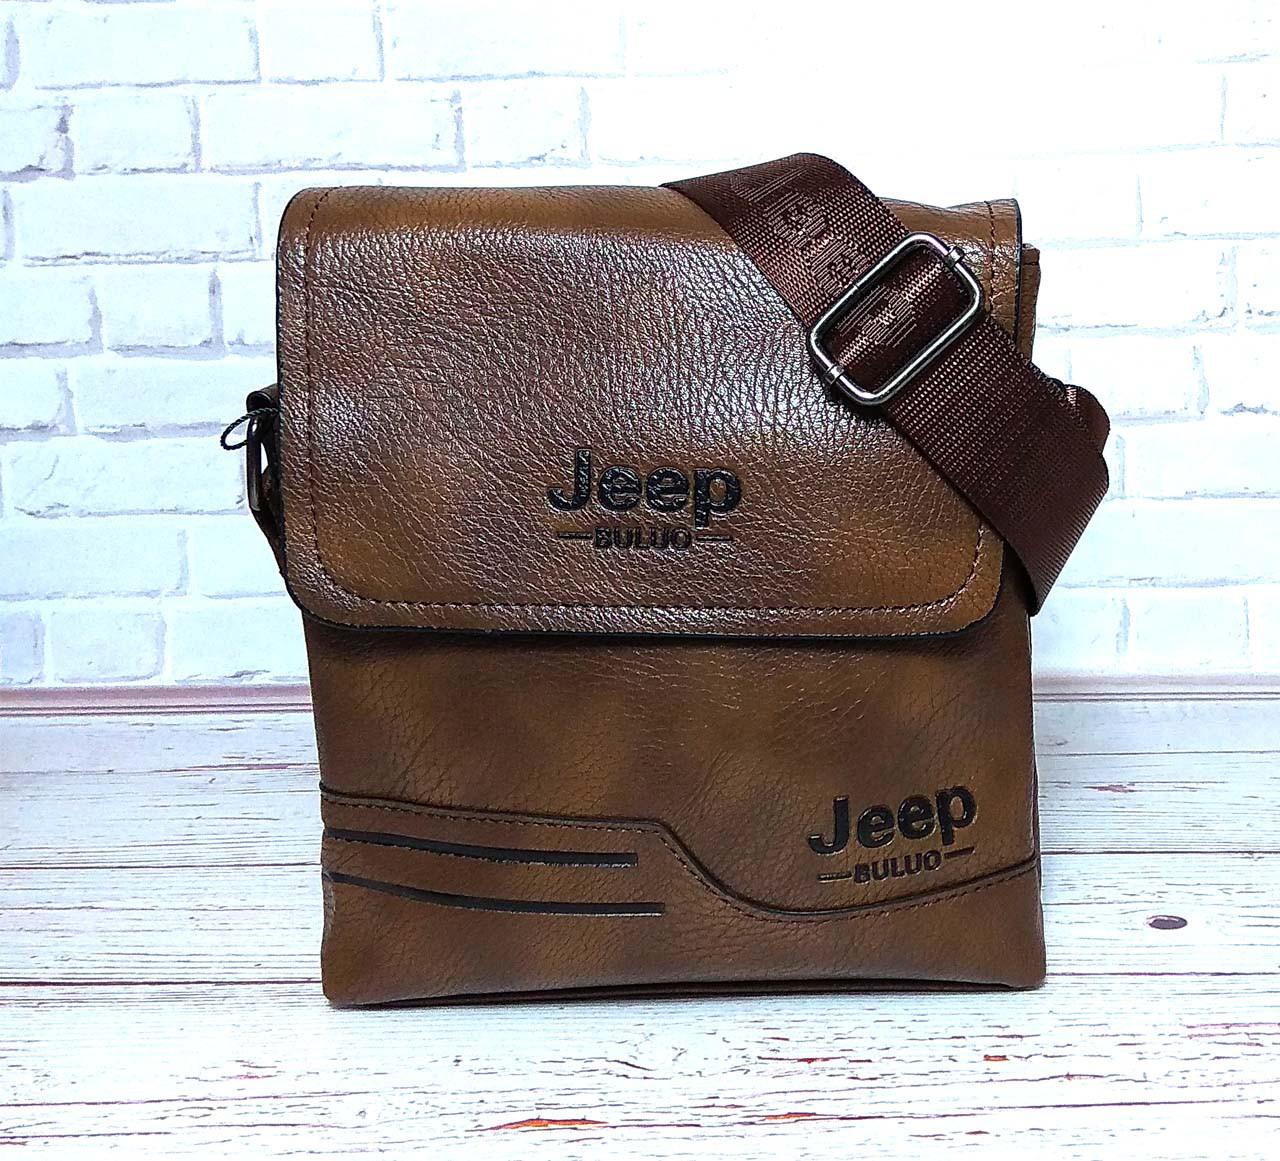 Чоловіча сумка через плече Jeep. Коричнева. 21см х 19см / Шкіра PU. 557 brown